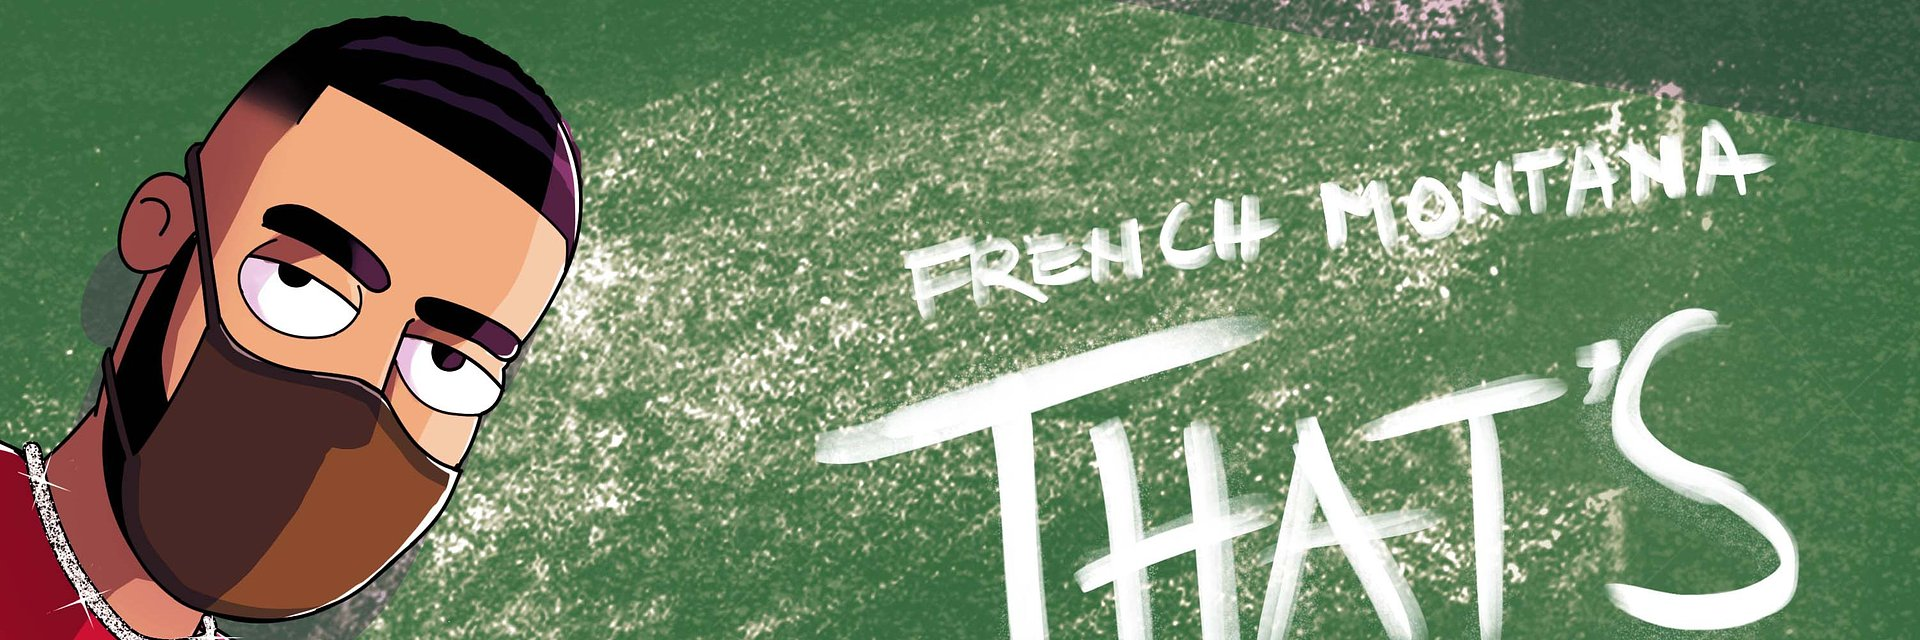 French Montana szaleje!